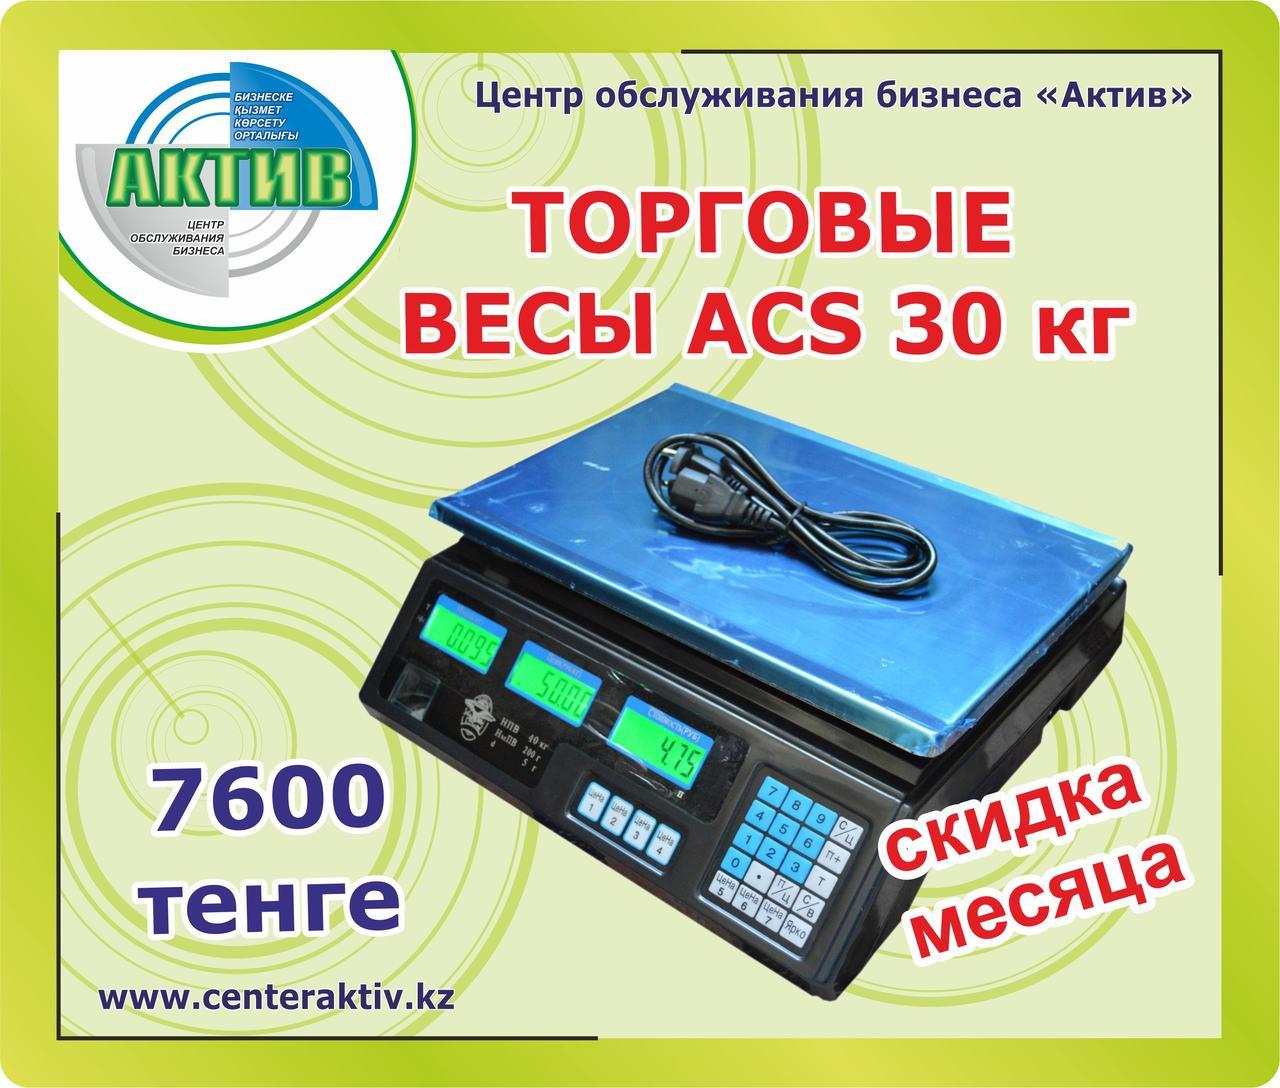 Торговые весы ACS 30 кг. Настольные весы.